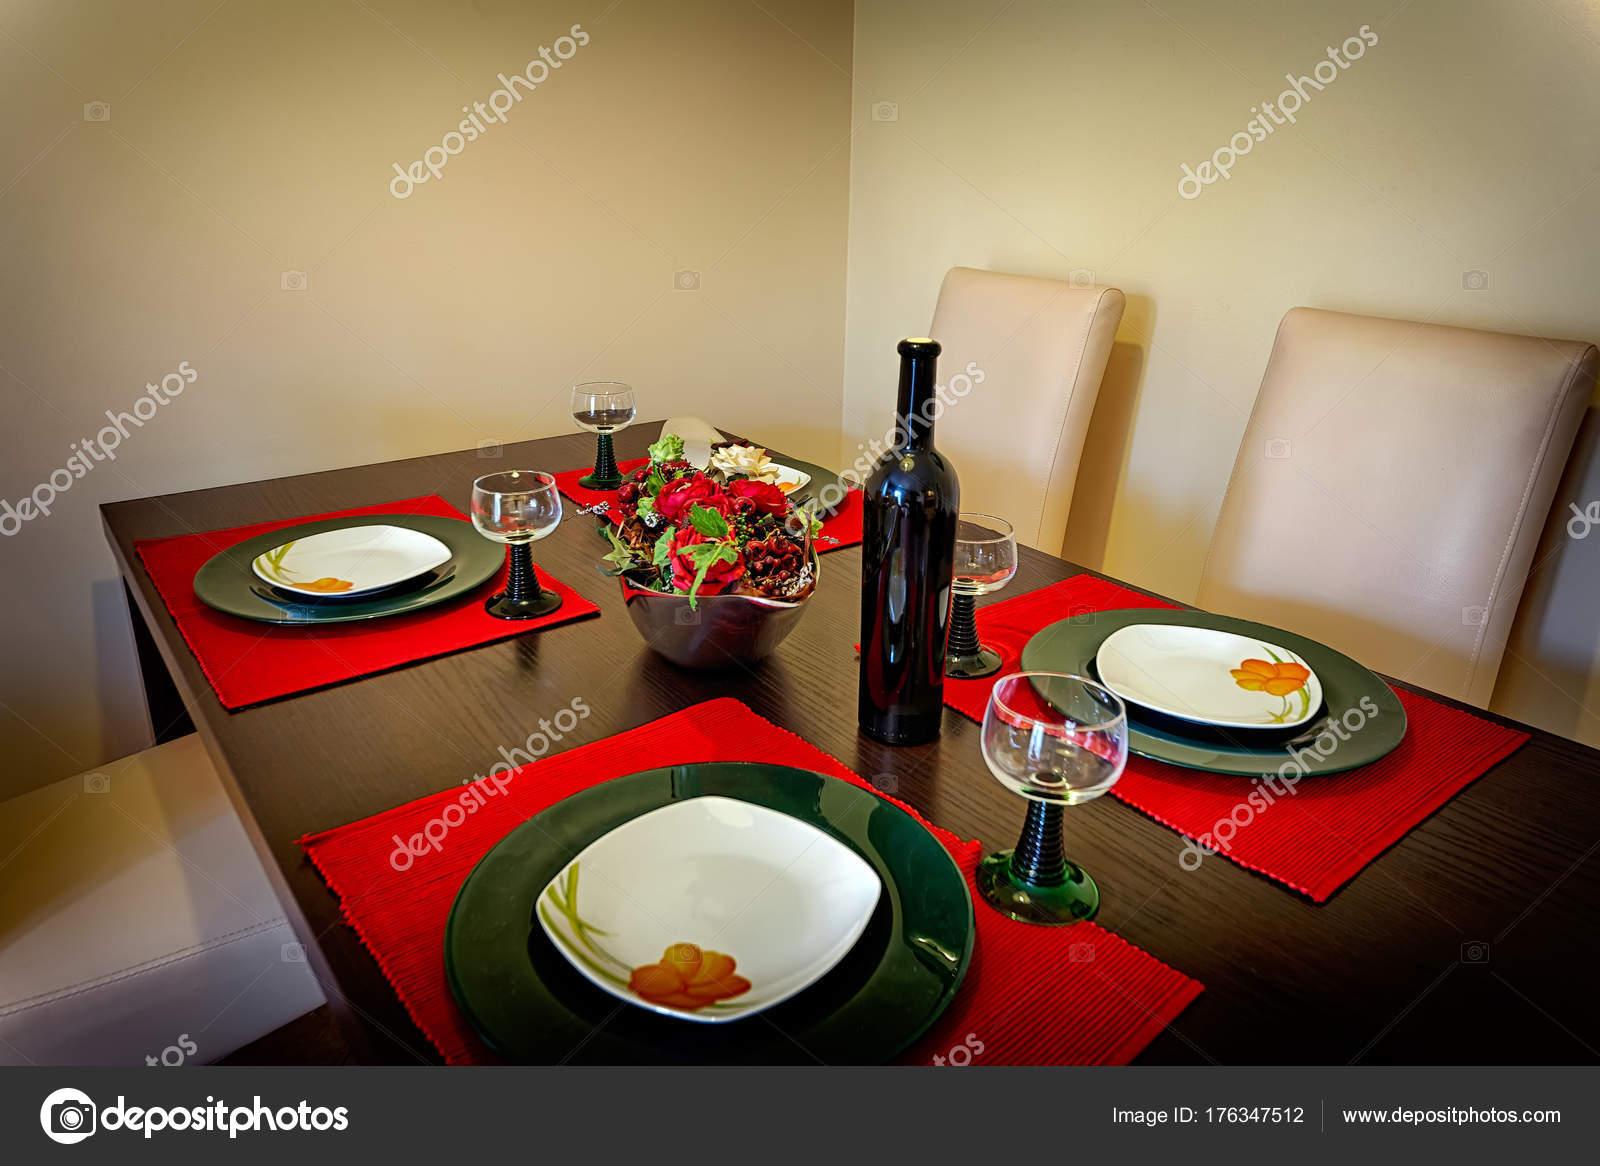 Tavolo da cucina in legno stock photo sewer12 176347512 - Tavolo da cucina in legno ...